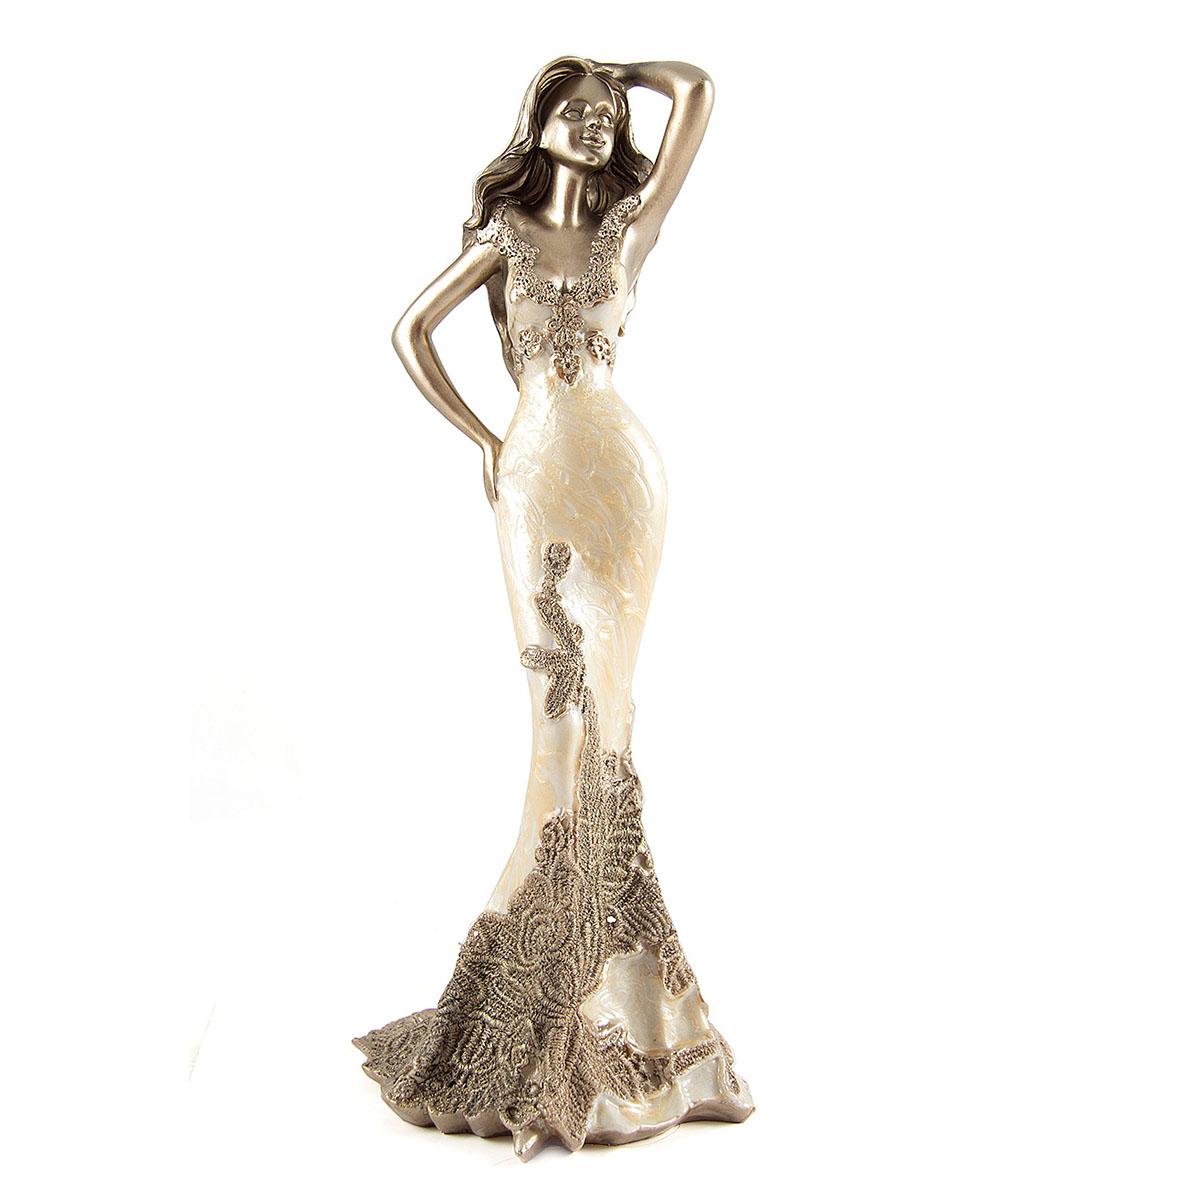 Статуэтка Русские Подарки Девушка, 14 х 14 х 34 см. 27575 русские подарки статуэтка девушка